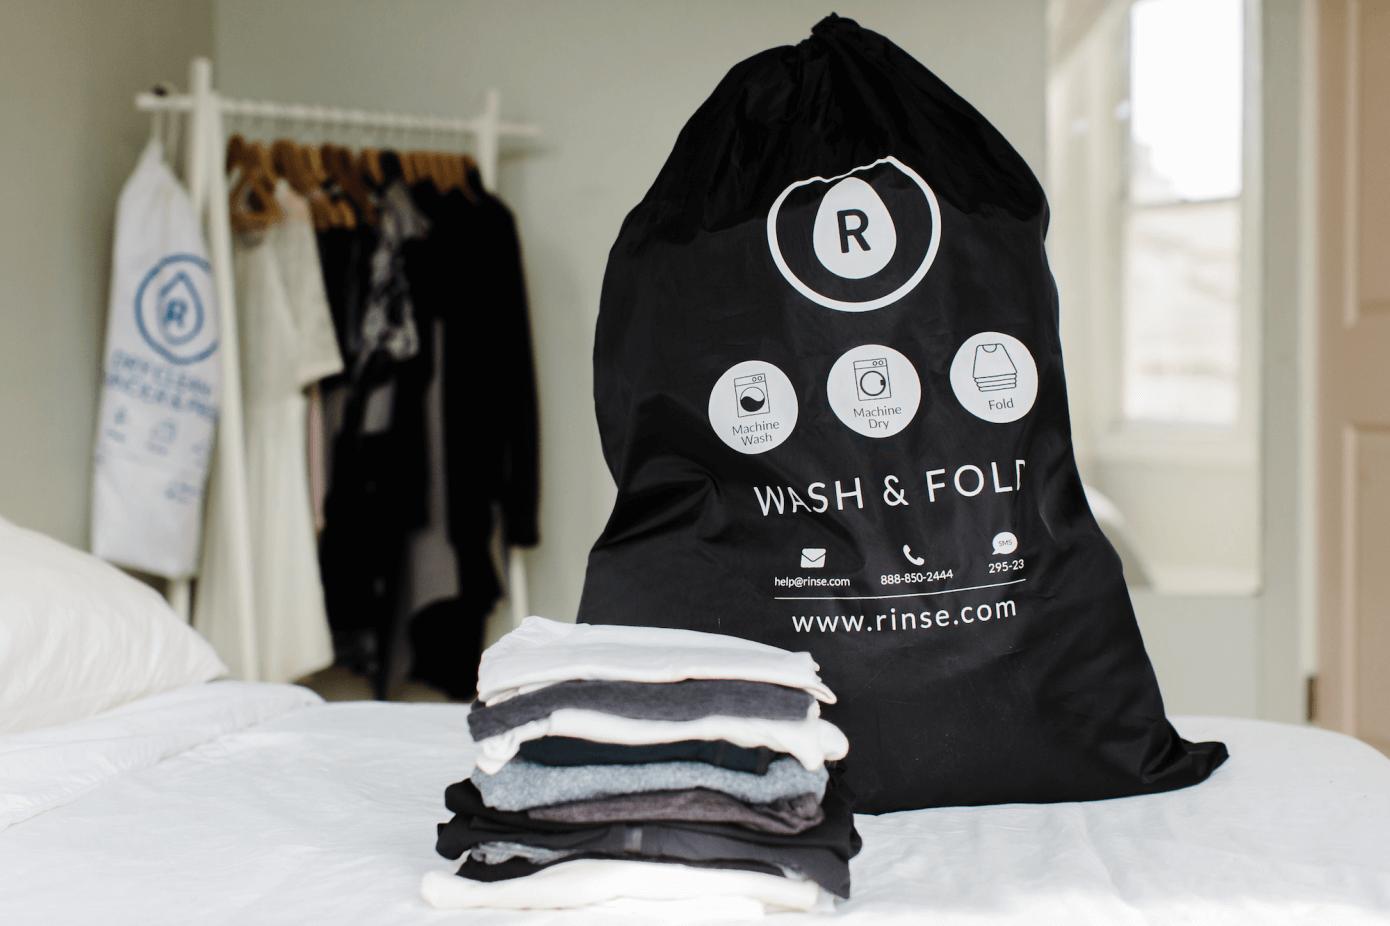 app-like-Uber-for-laundry